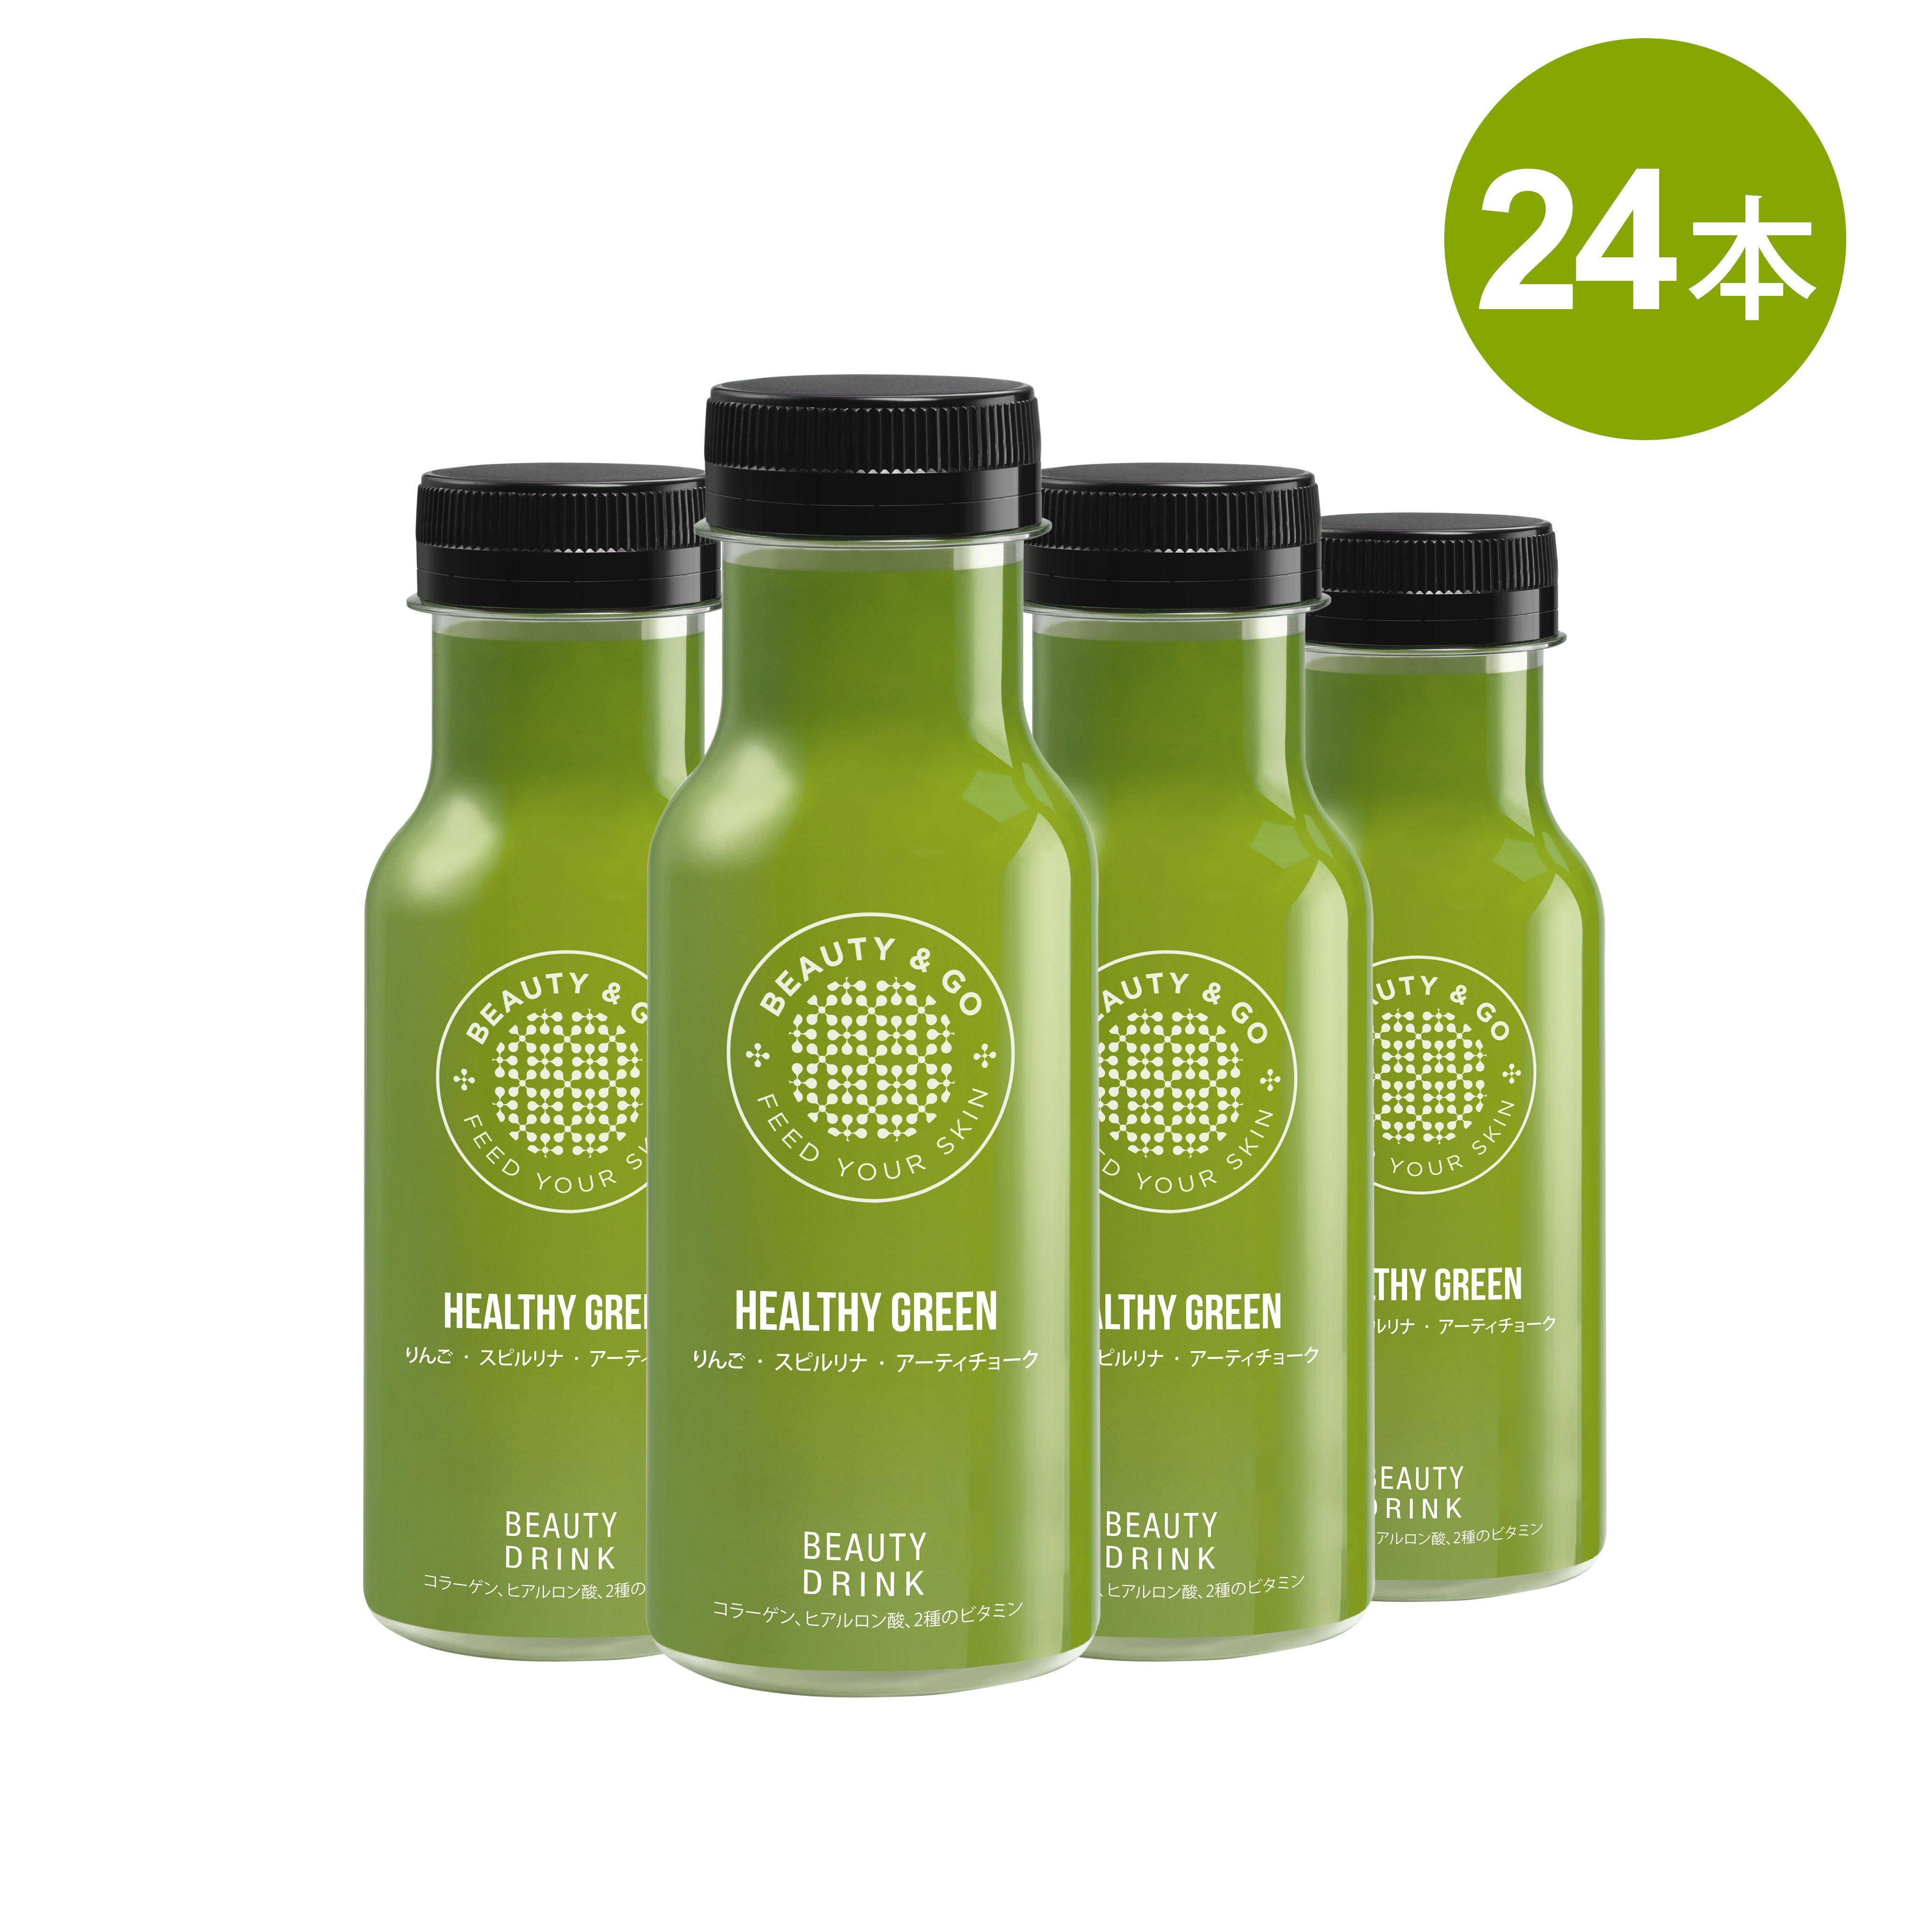 ヘルシーグリーン(Healthy Green)